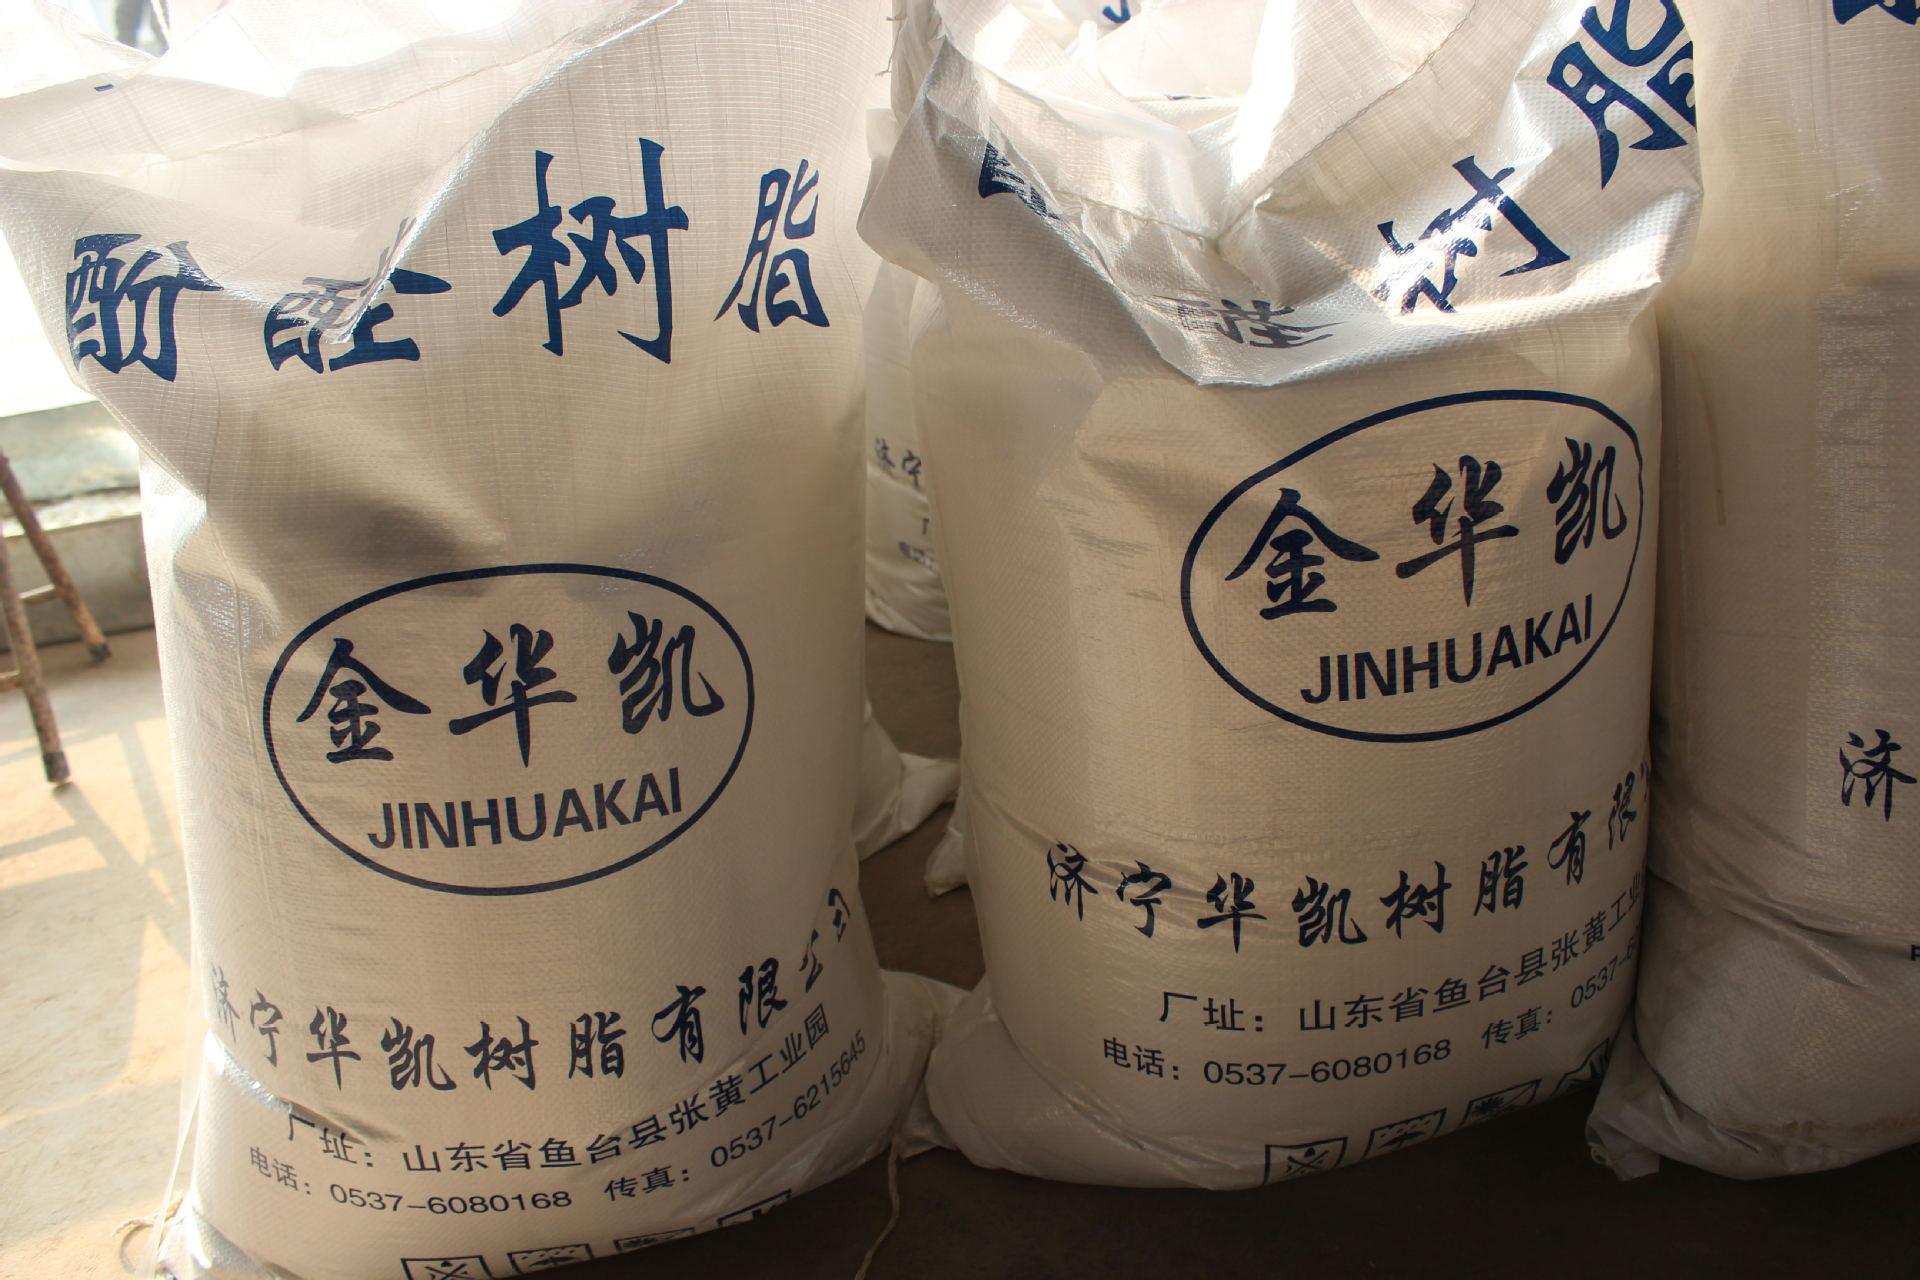 【厂家生产】酚醛树脂2402铸造树脂100%油溶性101树脂 质量